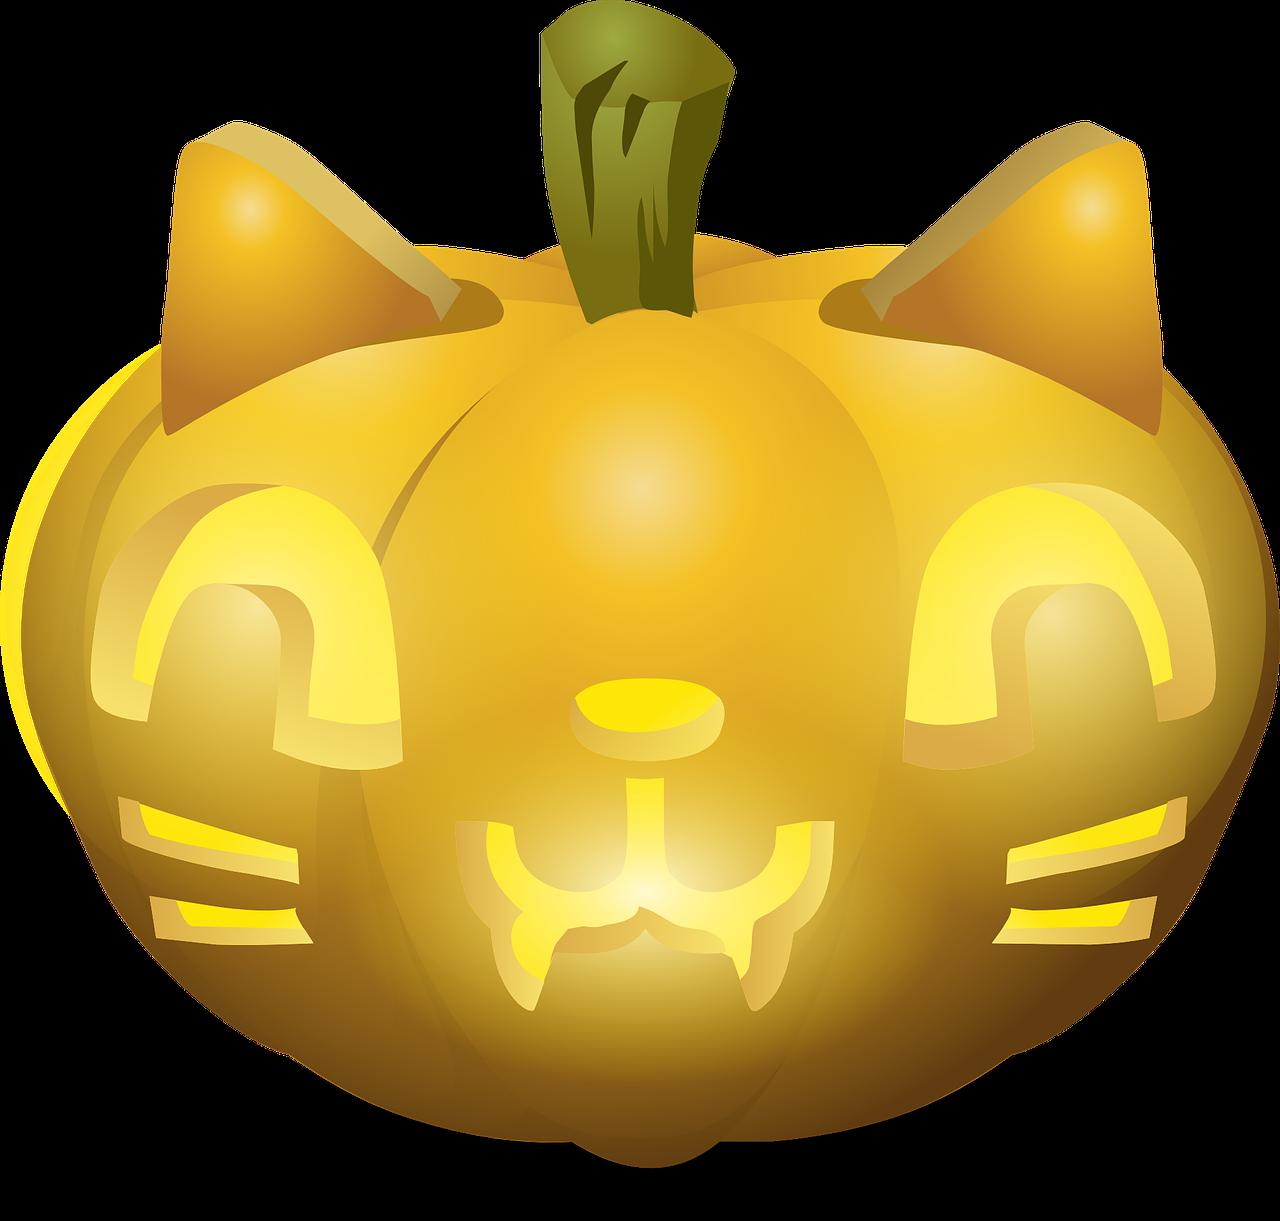 Halloween Cats, una galleria fotograFica di gatti mostruosi